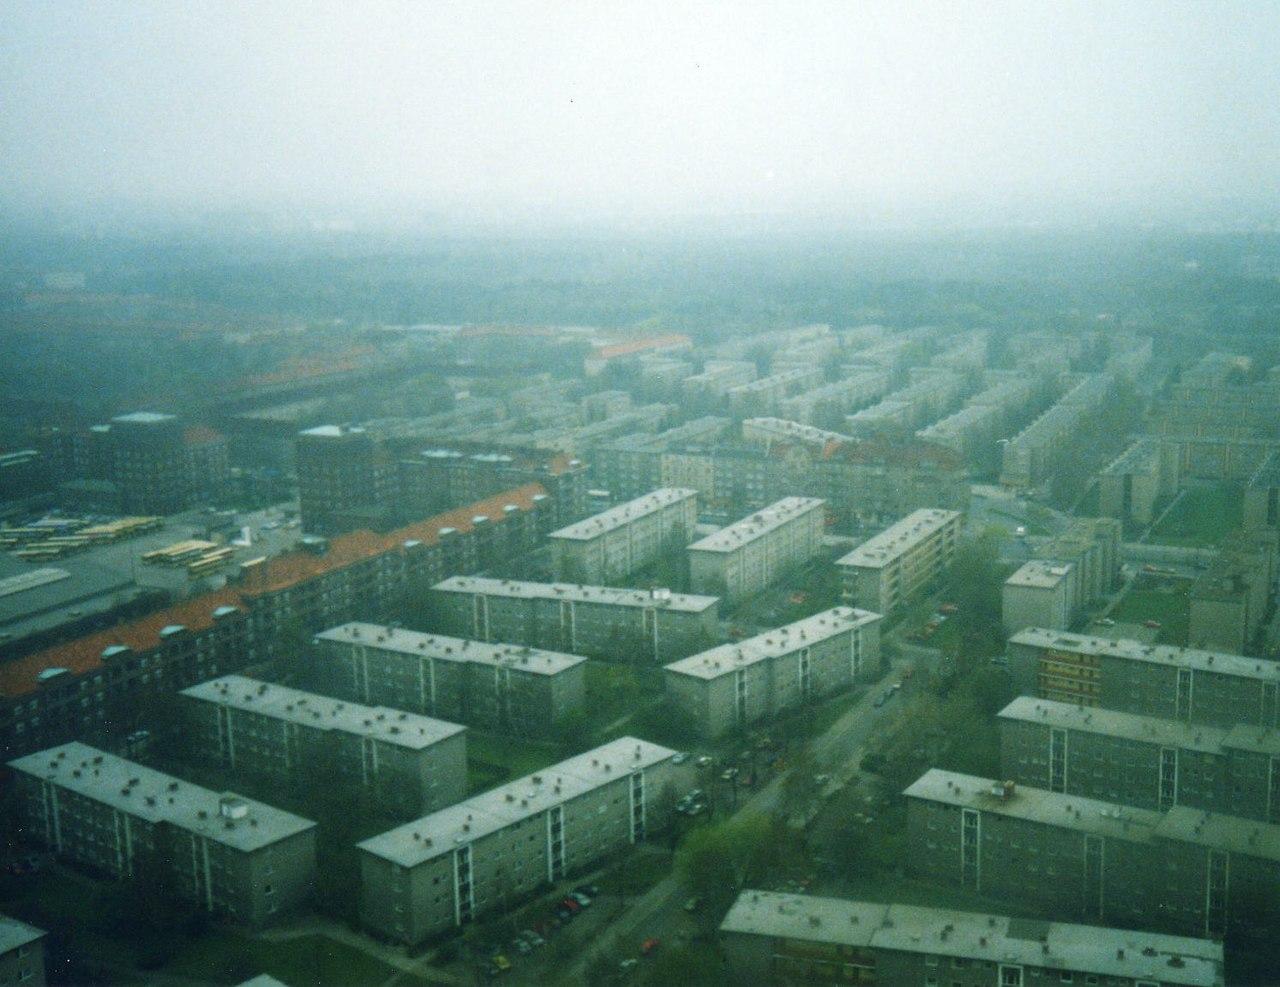 002 Berlin (2132186542).jpg